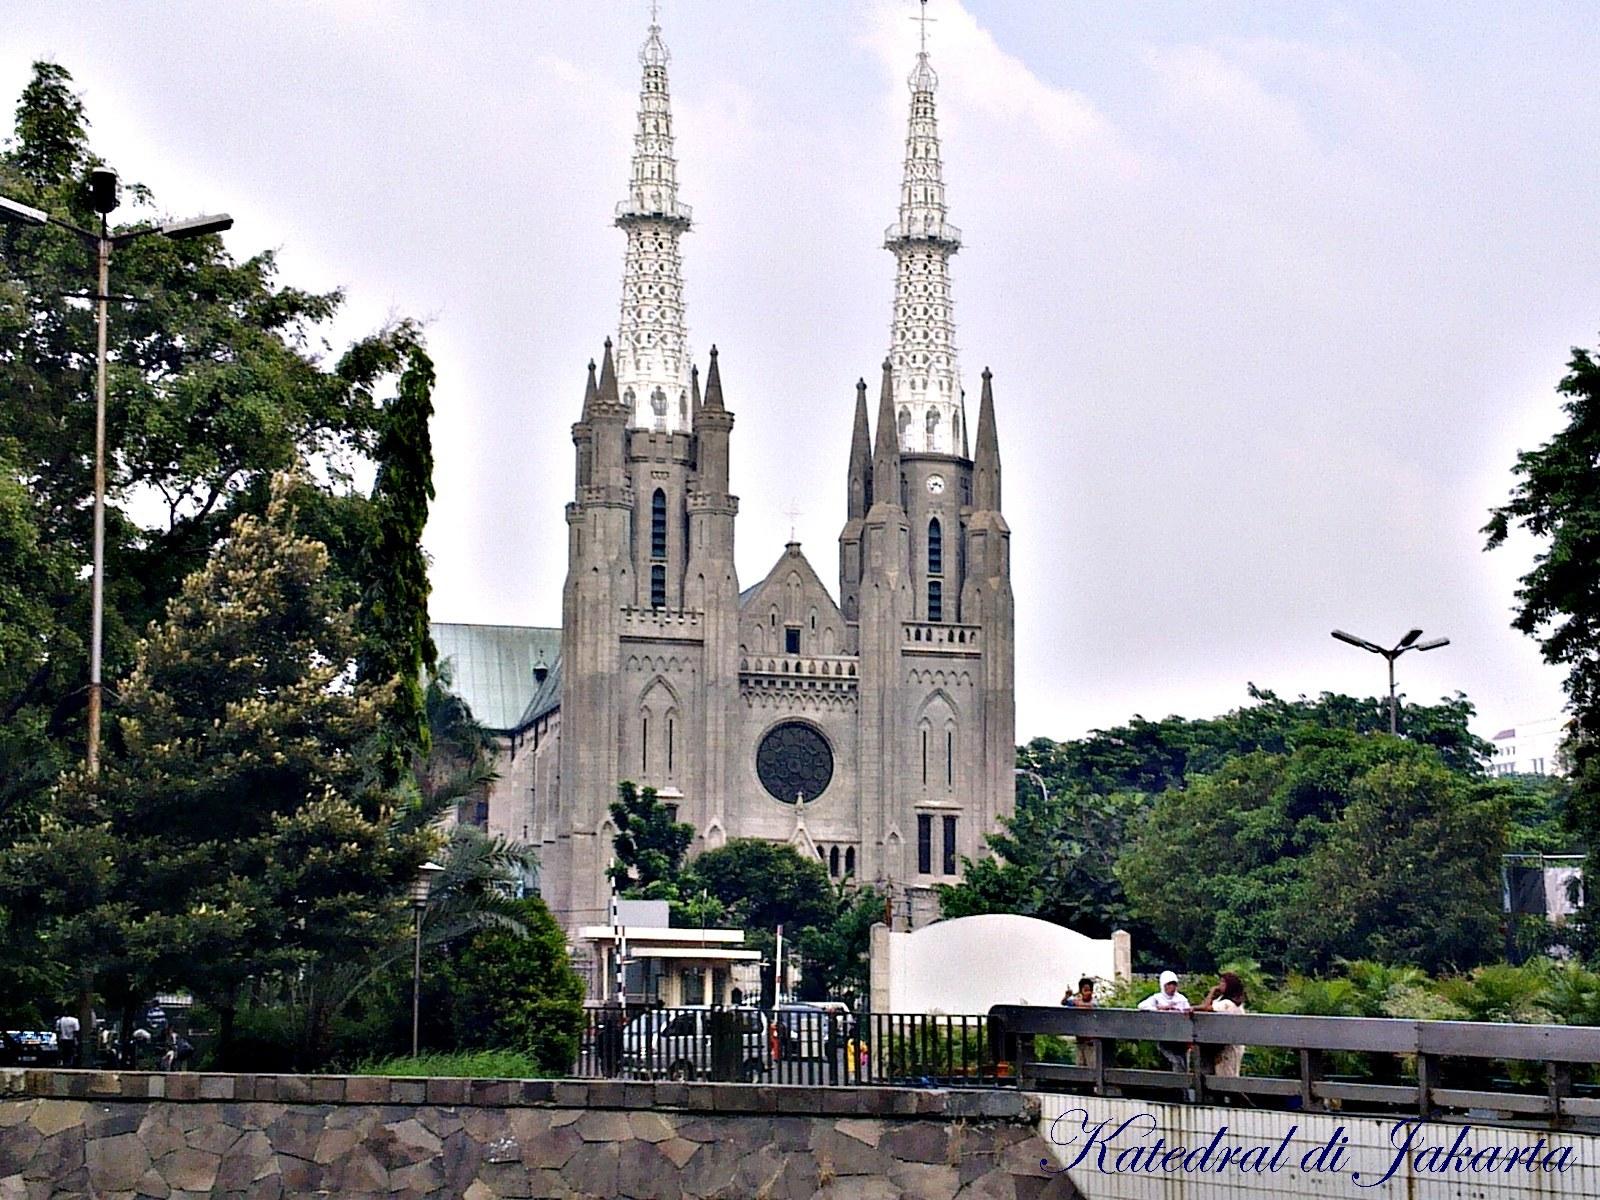 Gereja katedral jakarta - santa maria pelindung diangkat ke surga